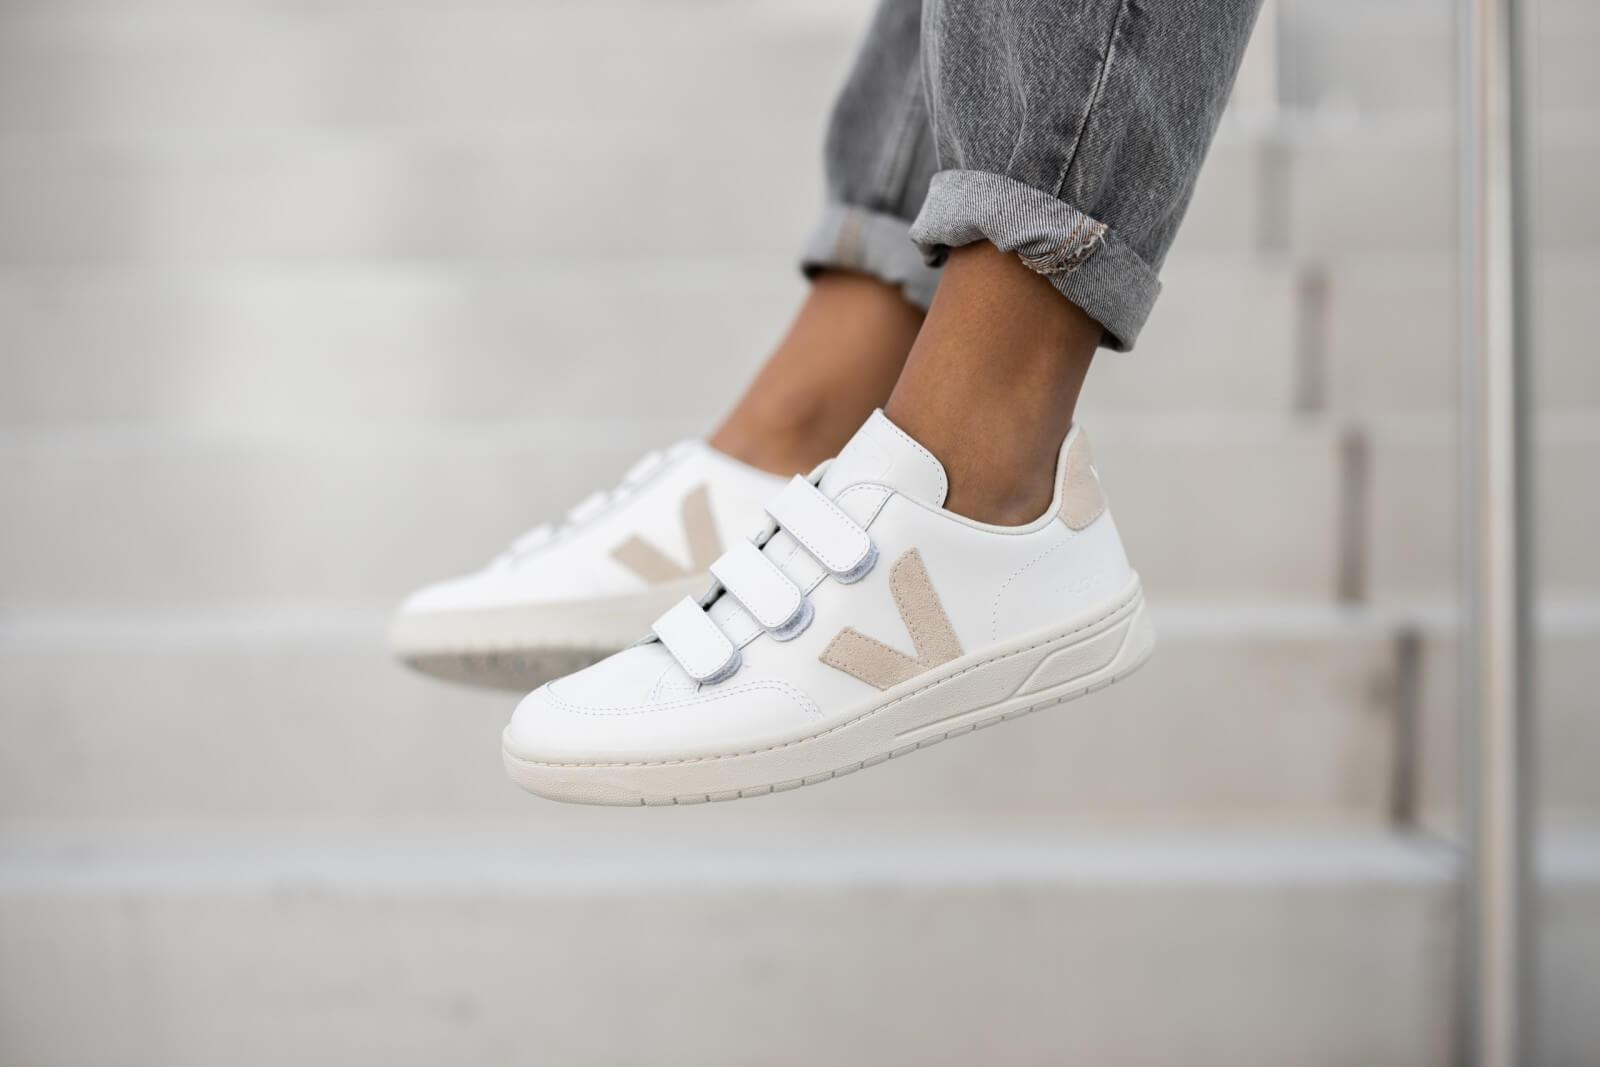 Veja Women's V-Lock Leather Extra White